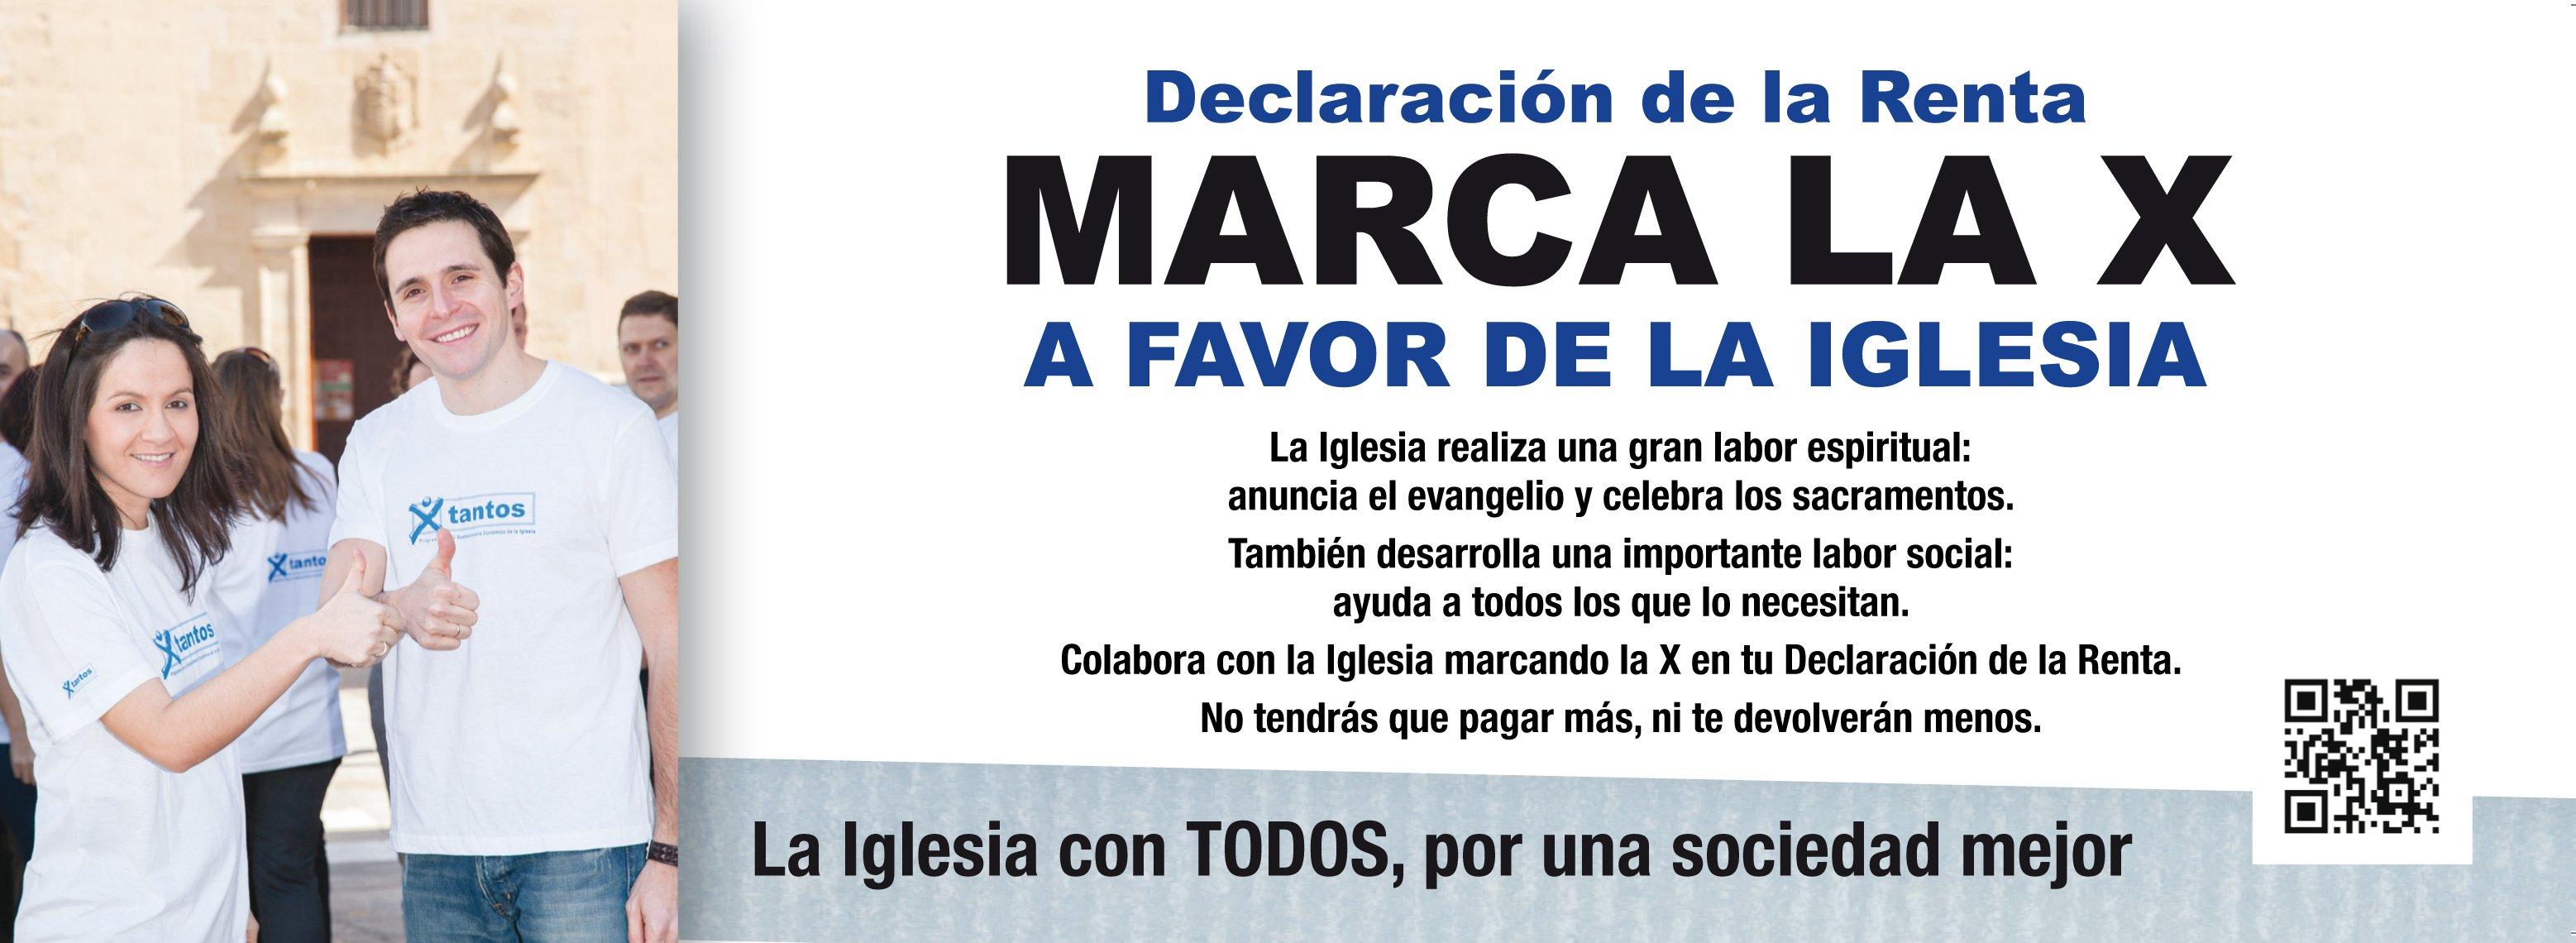 """Las Cortes evitan que el Tribunal de Cuentas fiscalice los """"dineros"""" de la Iglesia"""